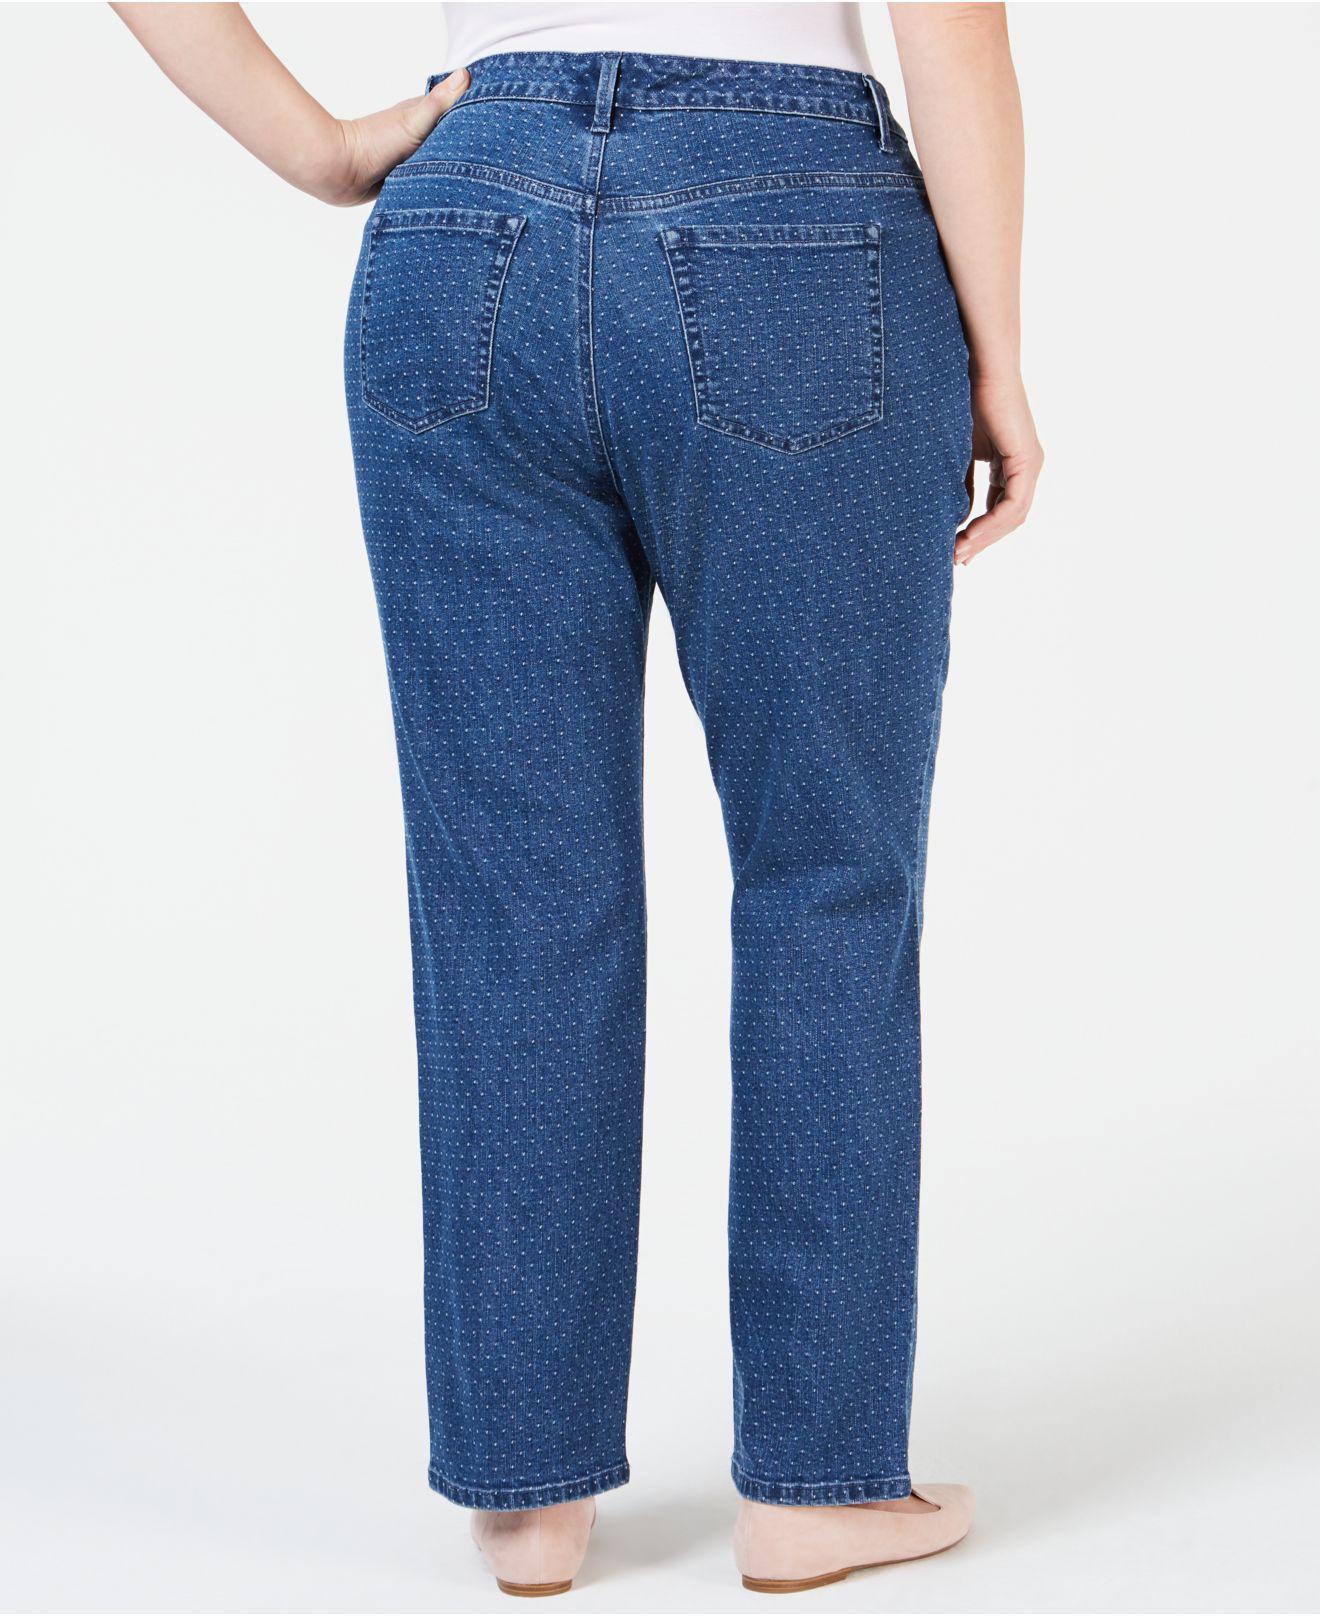 8329b4f52b6 Lyst - Charter Club Plus Size Dot-print Tummy-control Jeans